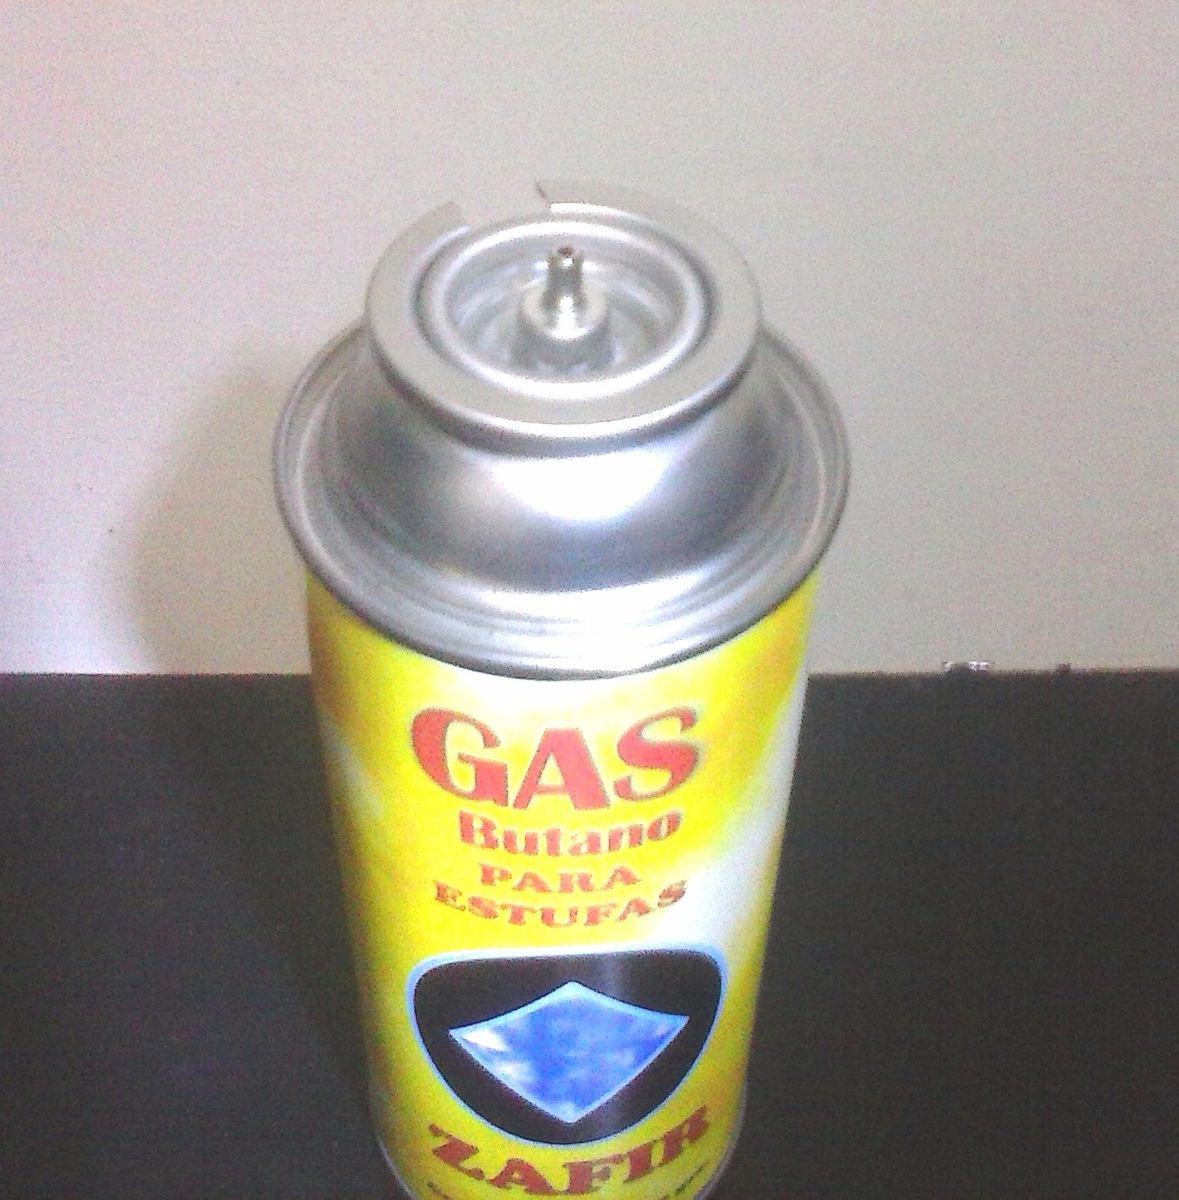 Gas butano para estufa portatil repuesto tanque for Cocina de gas portatil